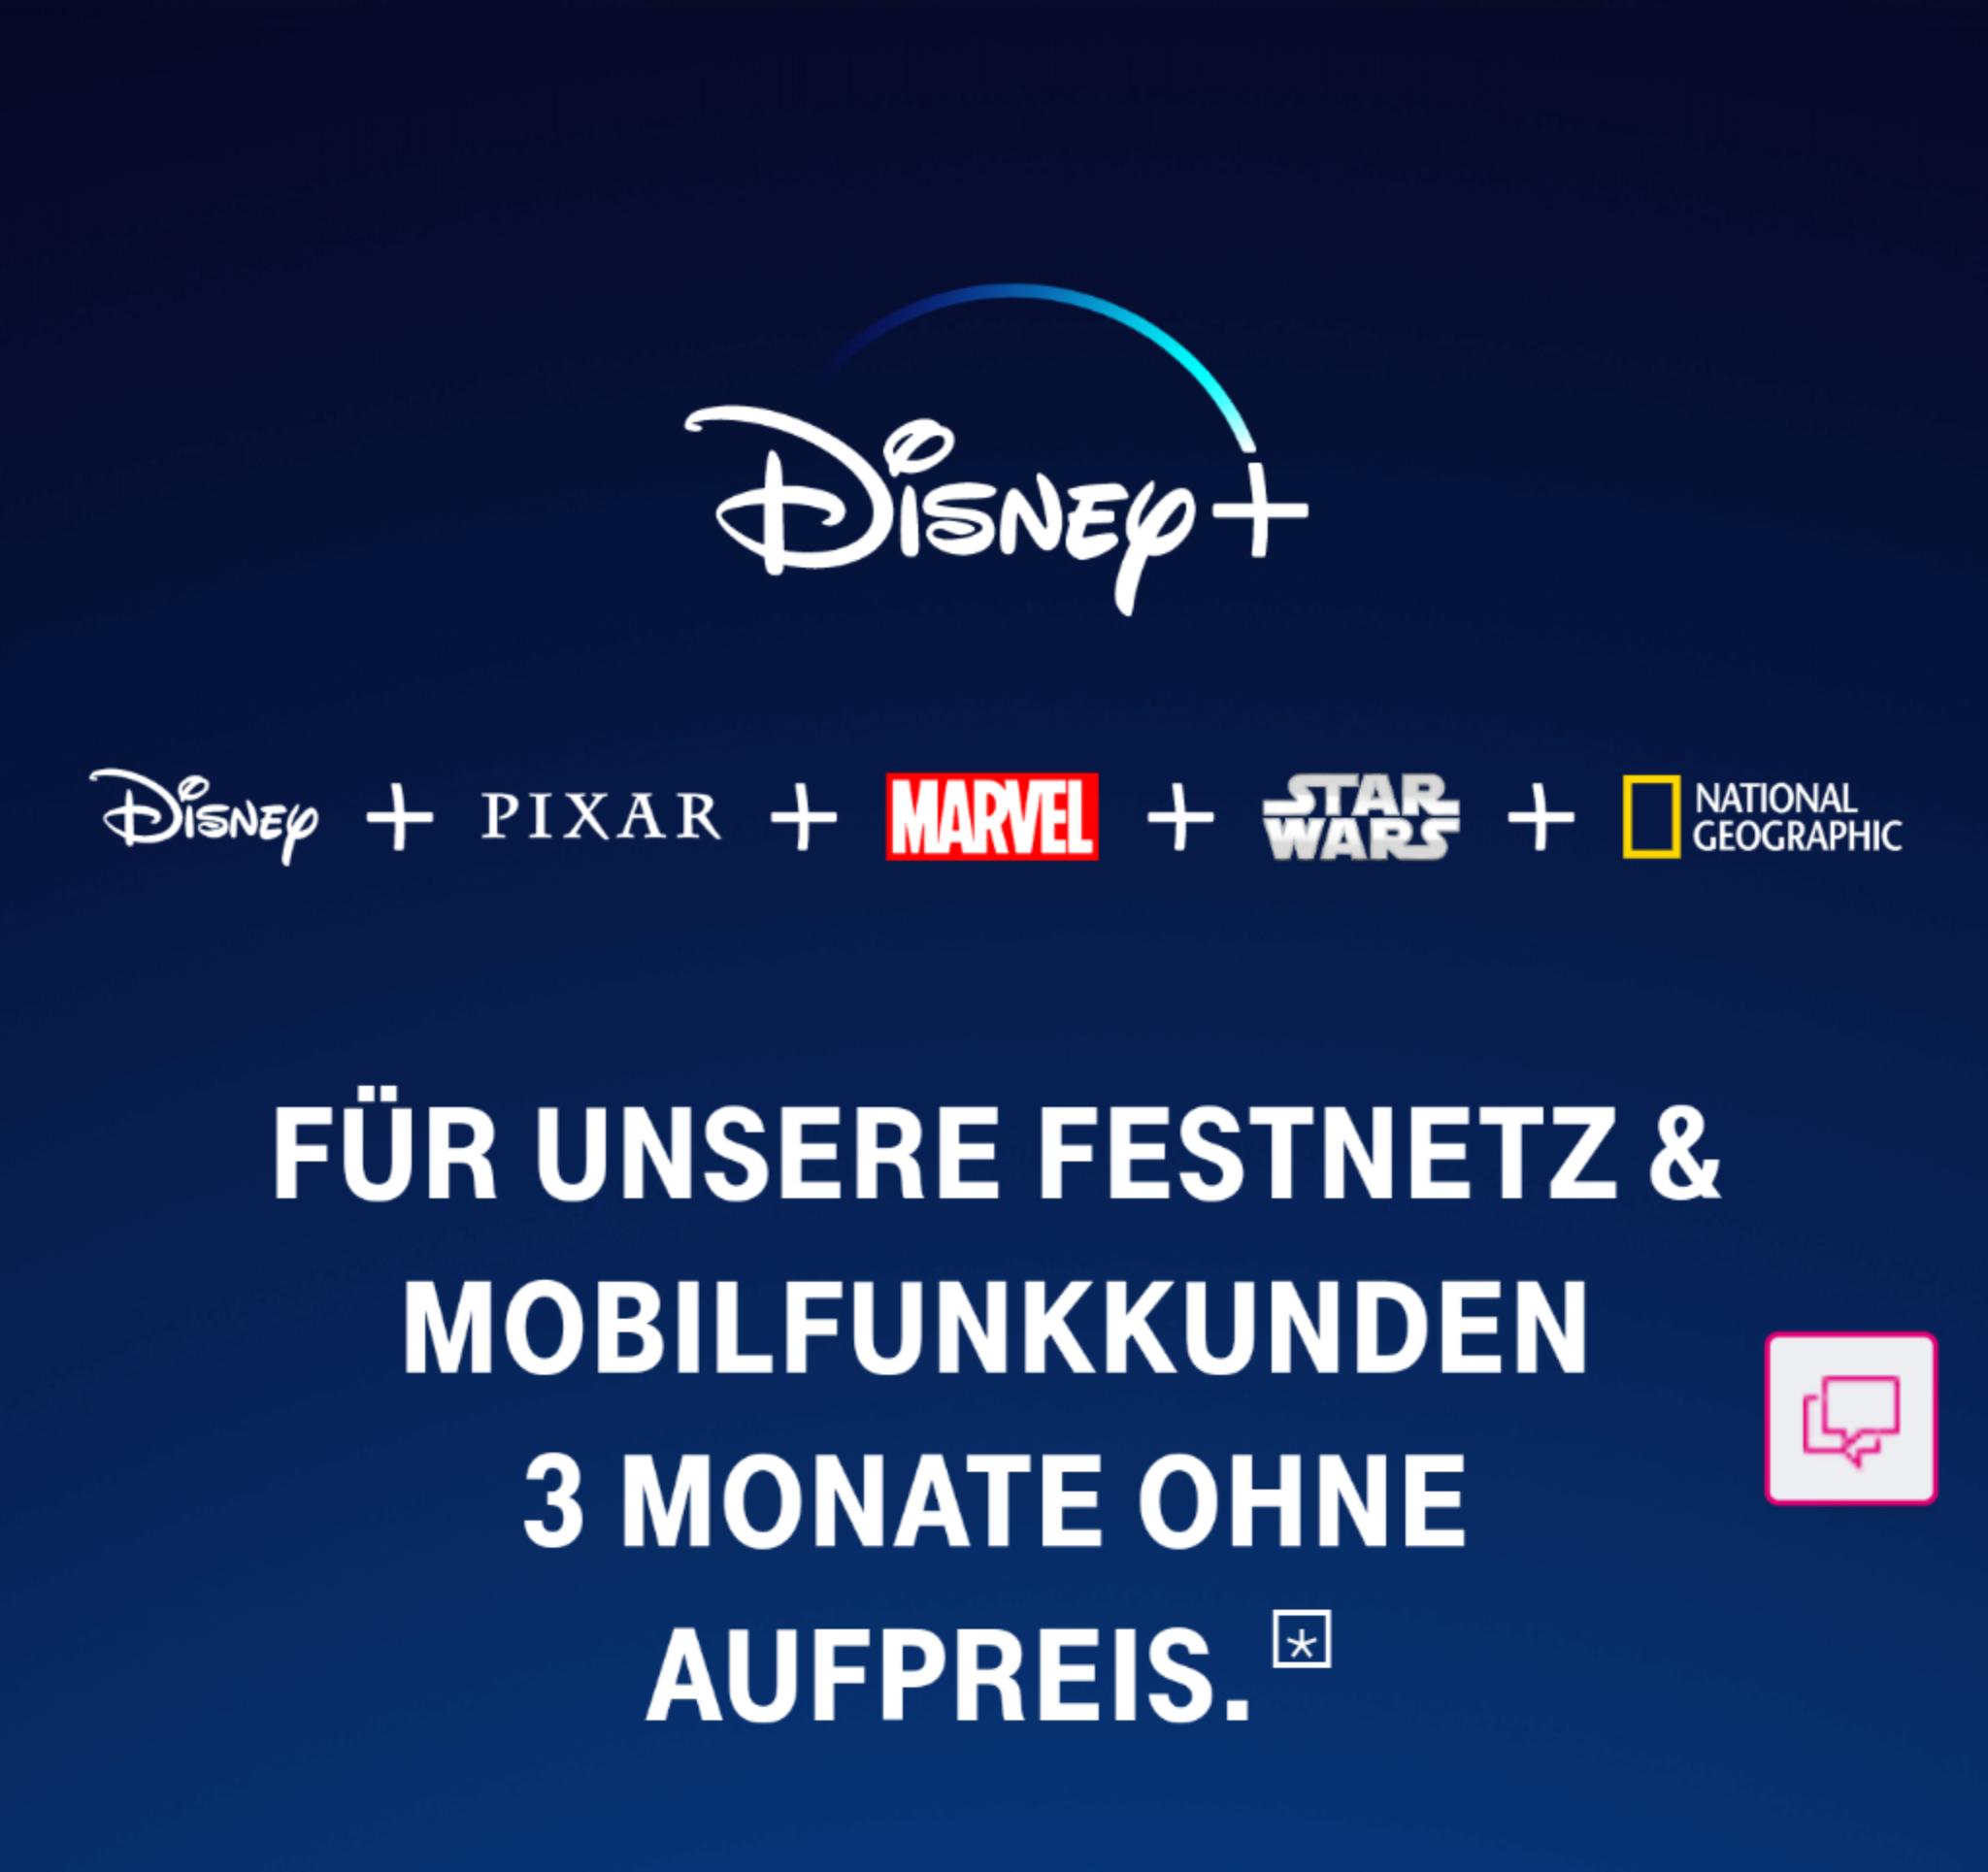 [Telekom Kunden] 3 Monate gratis Disney+, danach 5€ statt 6,99€ pro Monat (monatlich kündbar) - Jetzt auch wieder in 4K